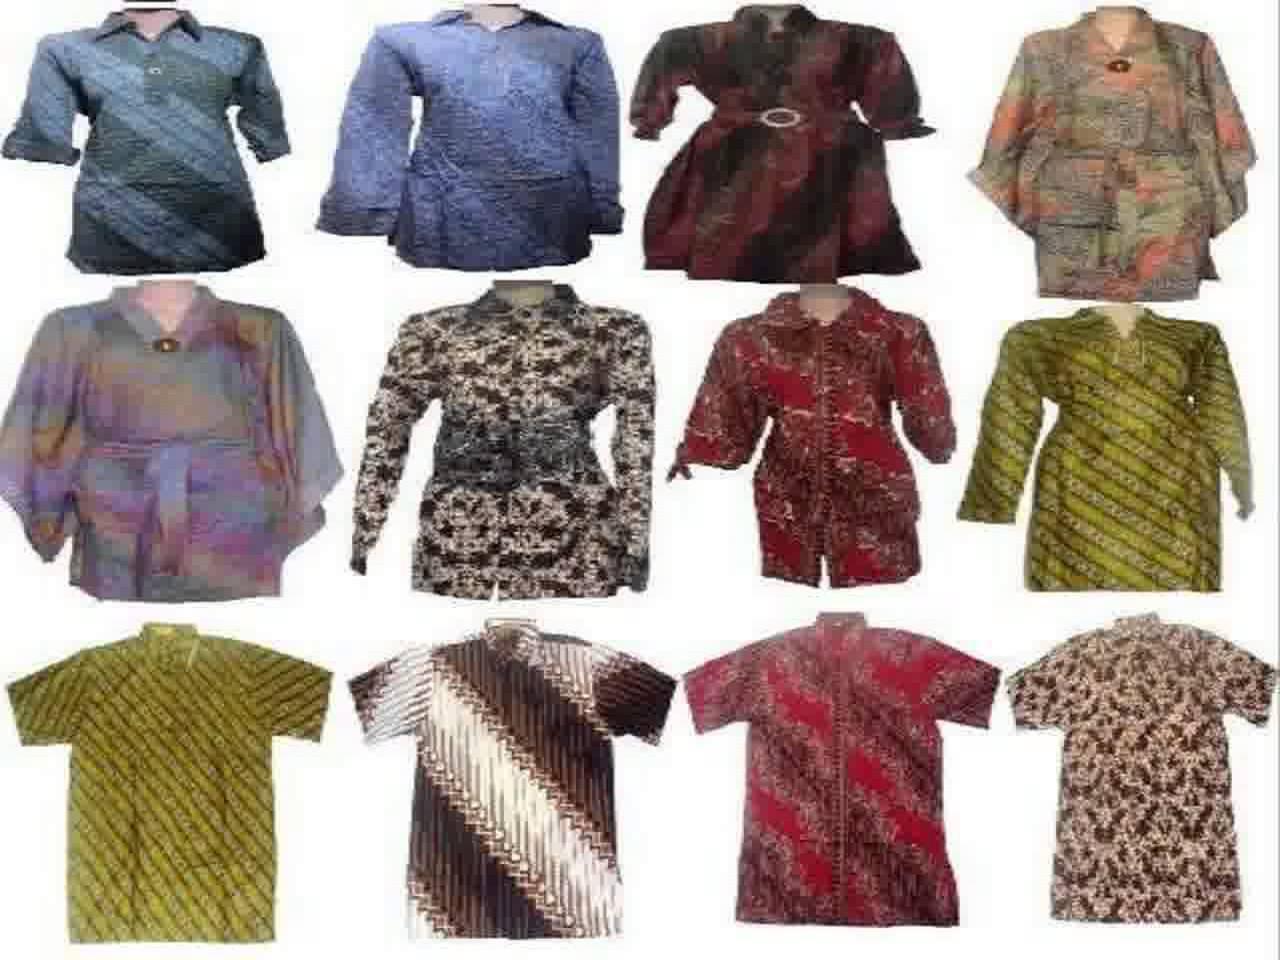 27 Model Baju Sasirangan Untuk Kerja Wanita Modern 2019 Model Baju